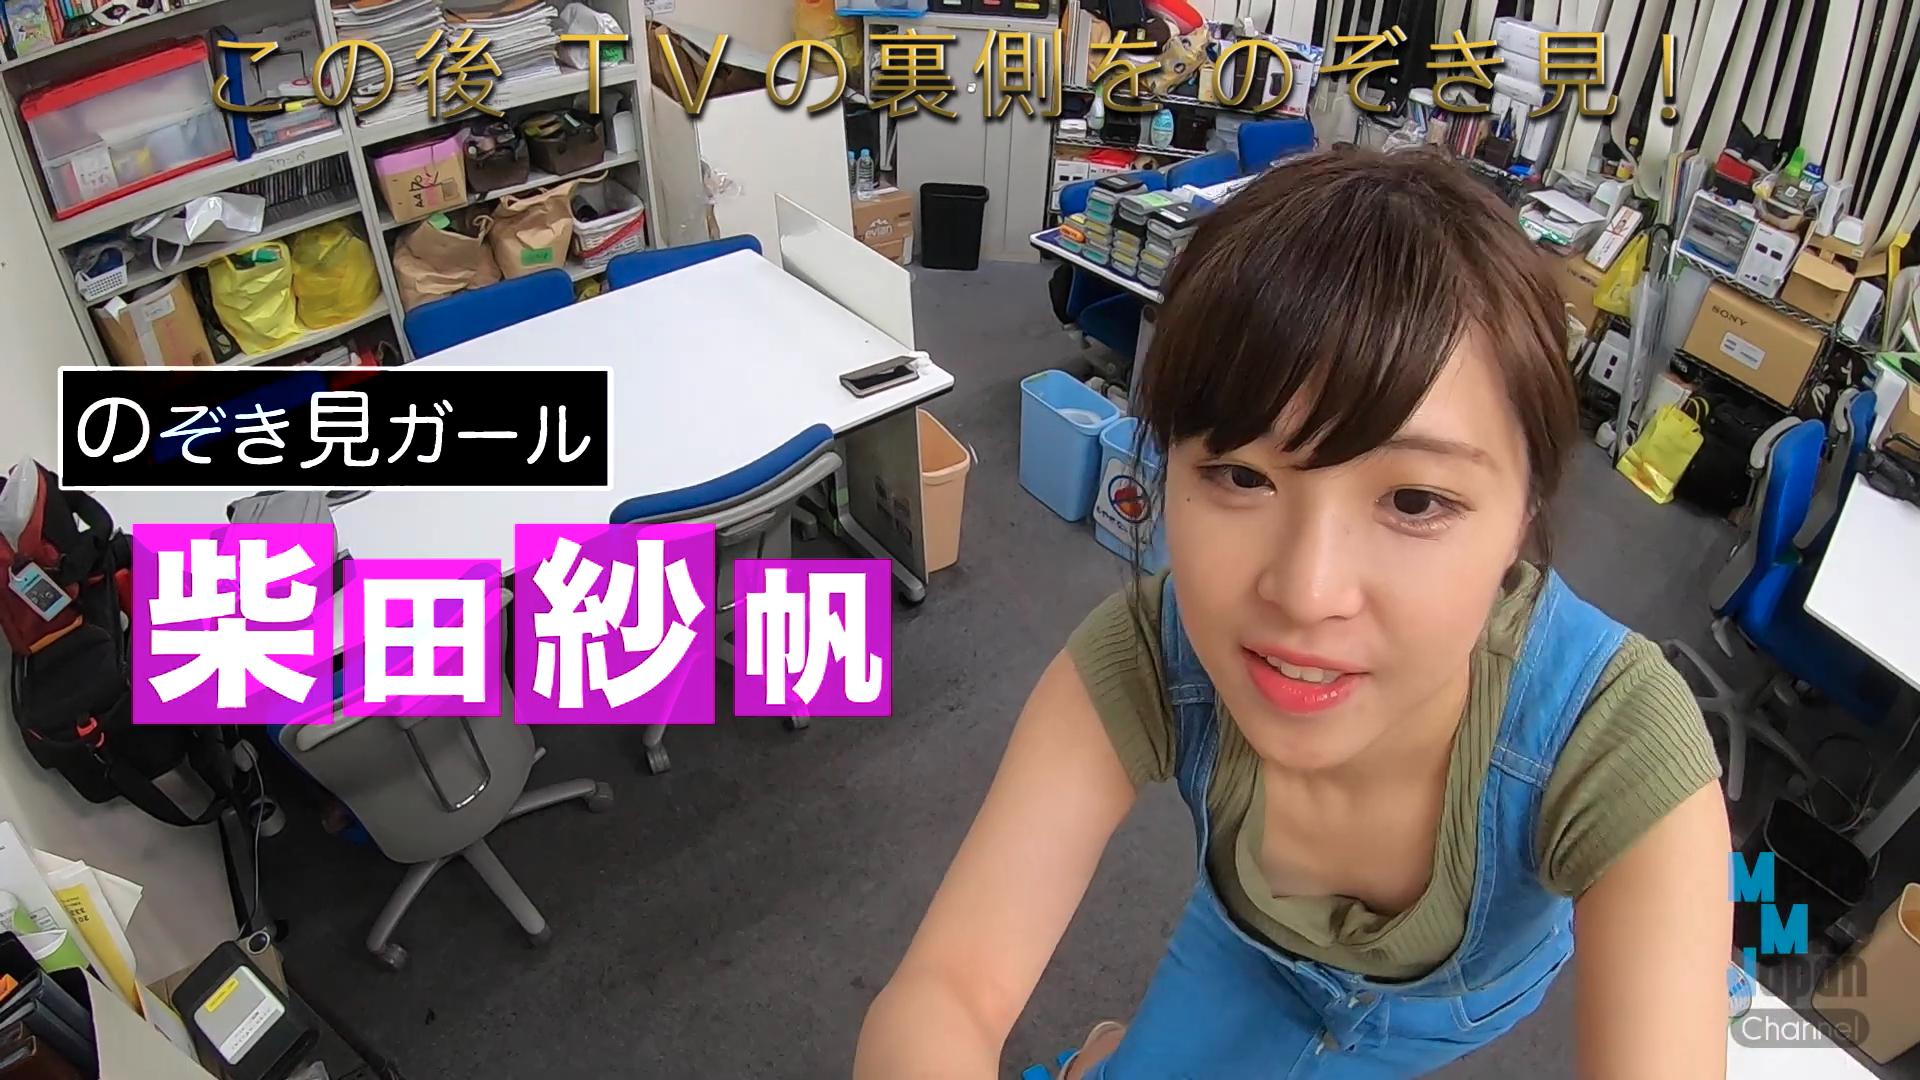 柴田紗帆乳首11